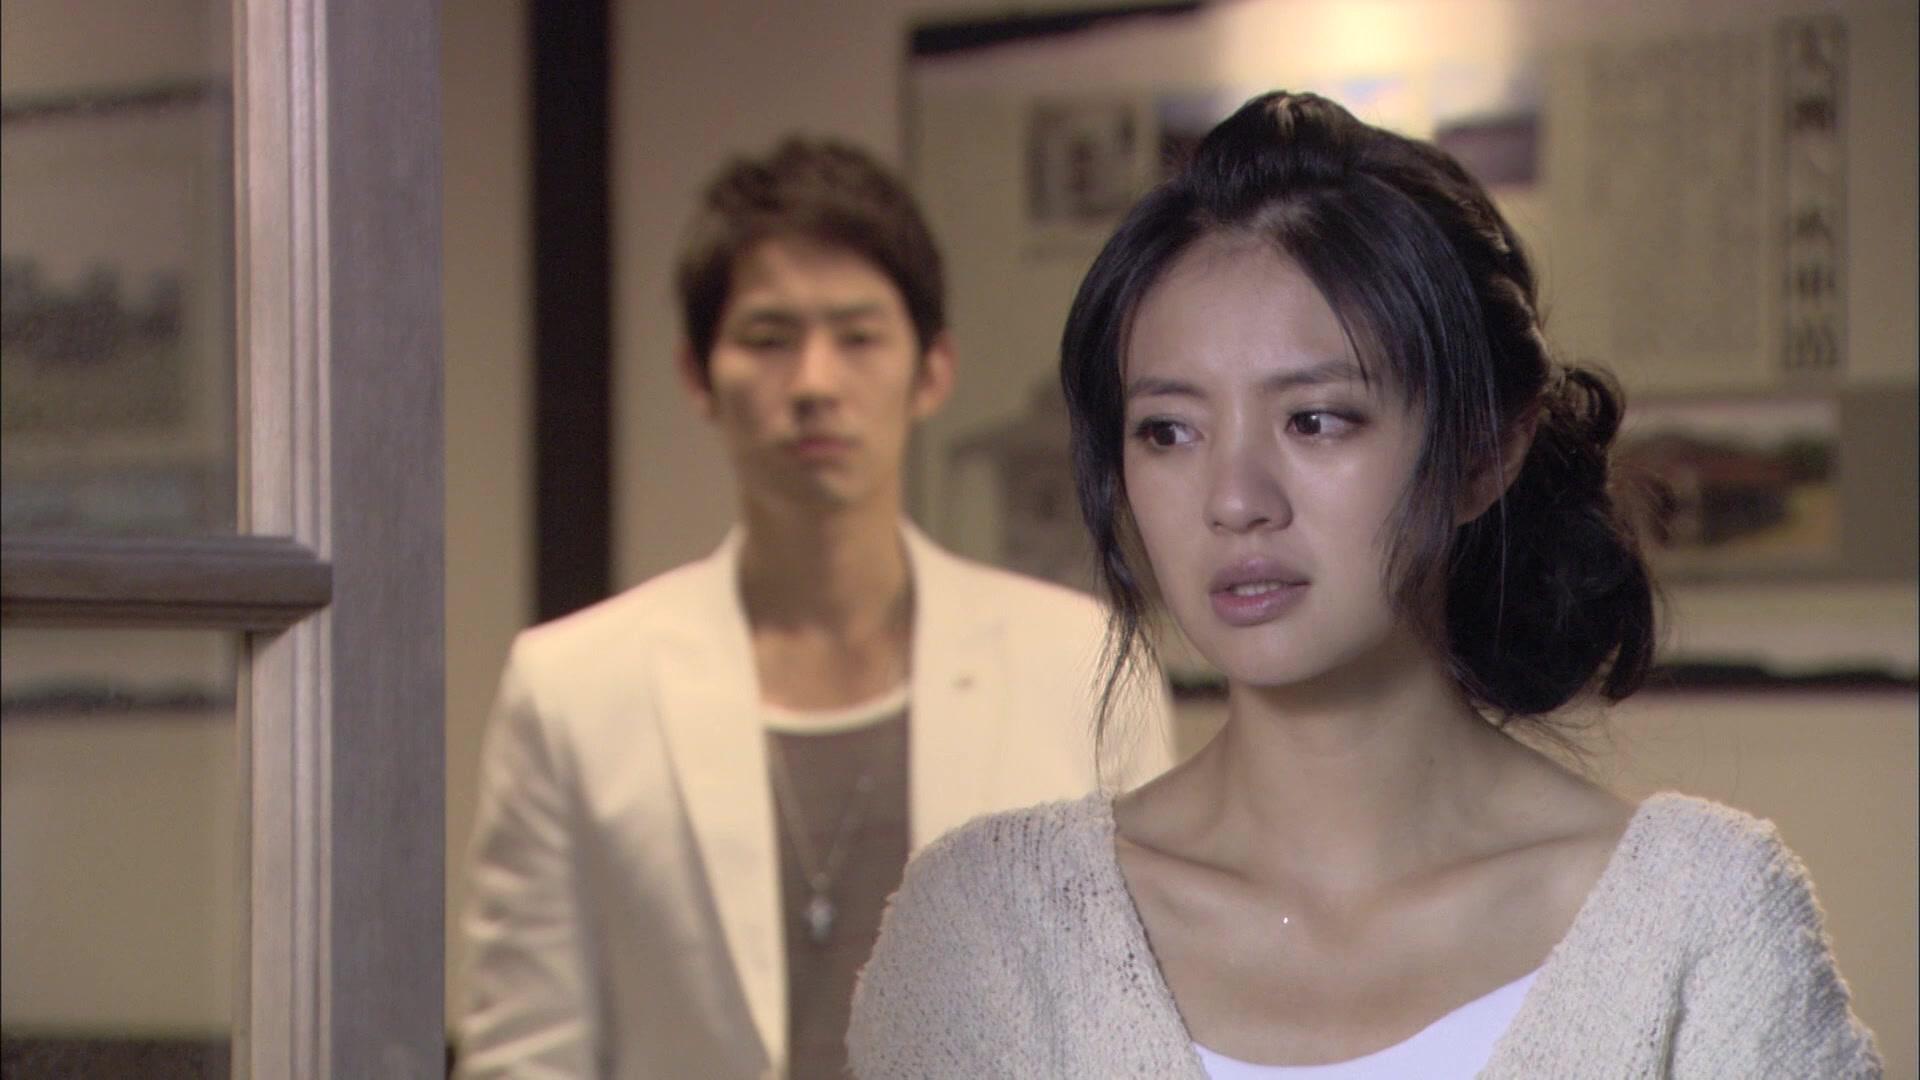 Autumn s concerto wallpaper - Autumn S Concerto Episode 15 Watch Full Episodes Free Taiwan Tv Shows Rakuten Viki